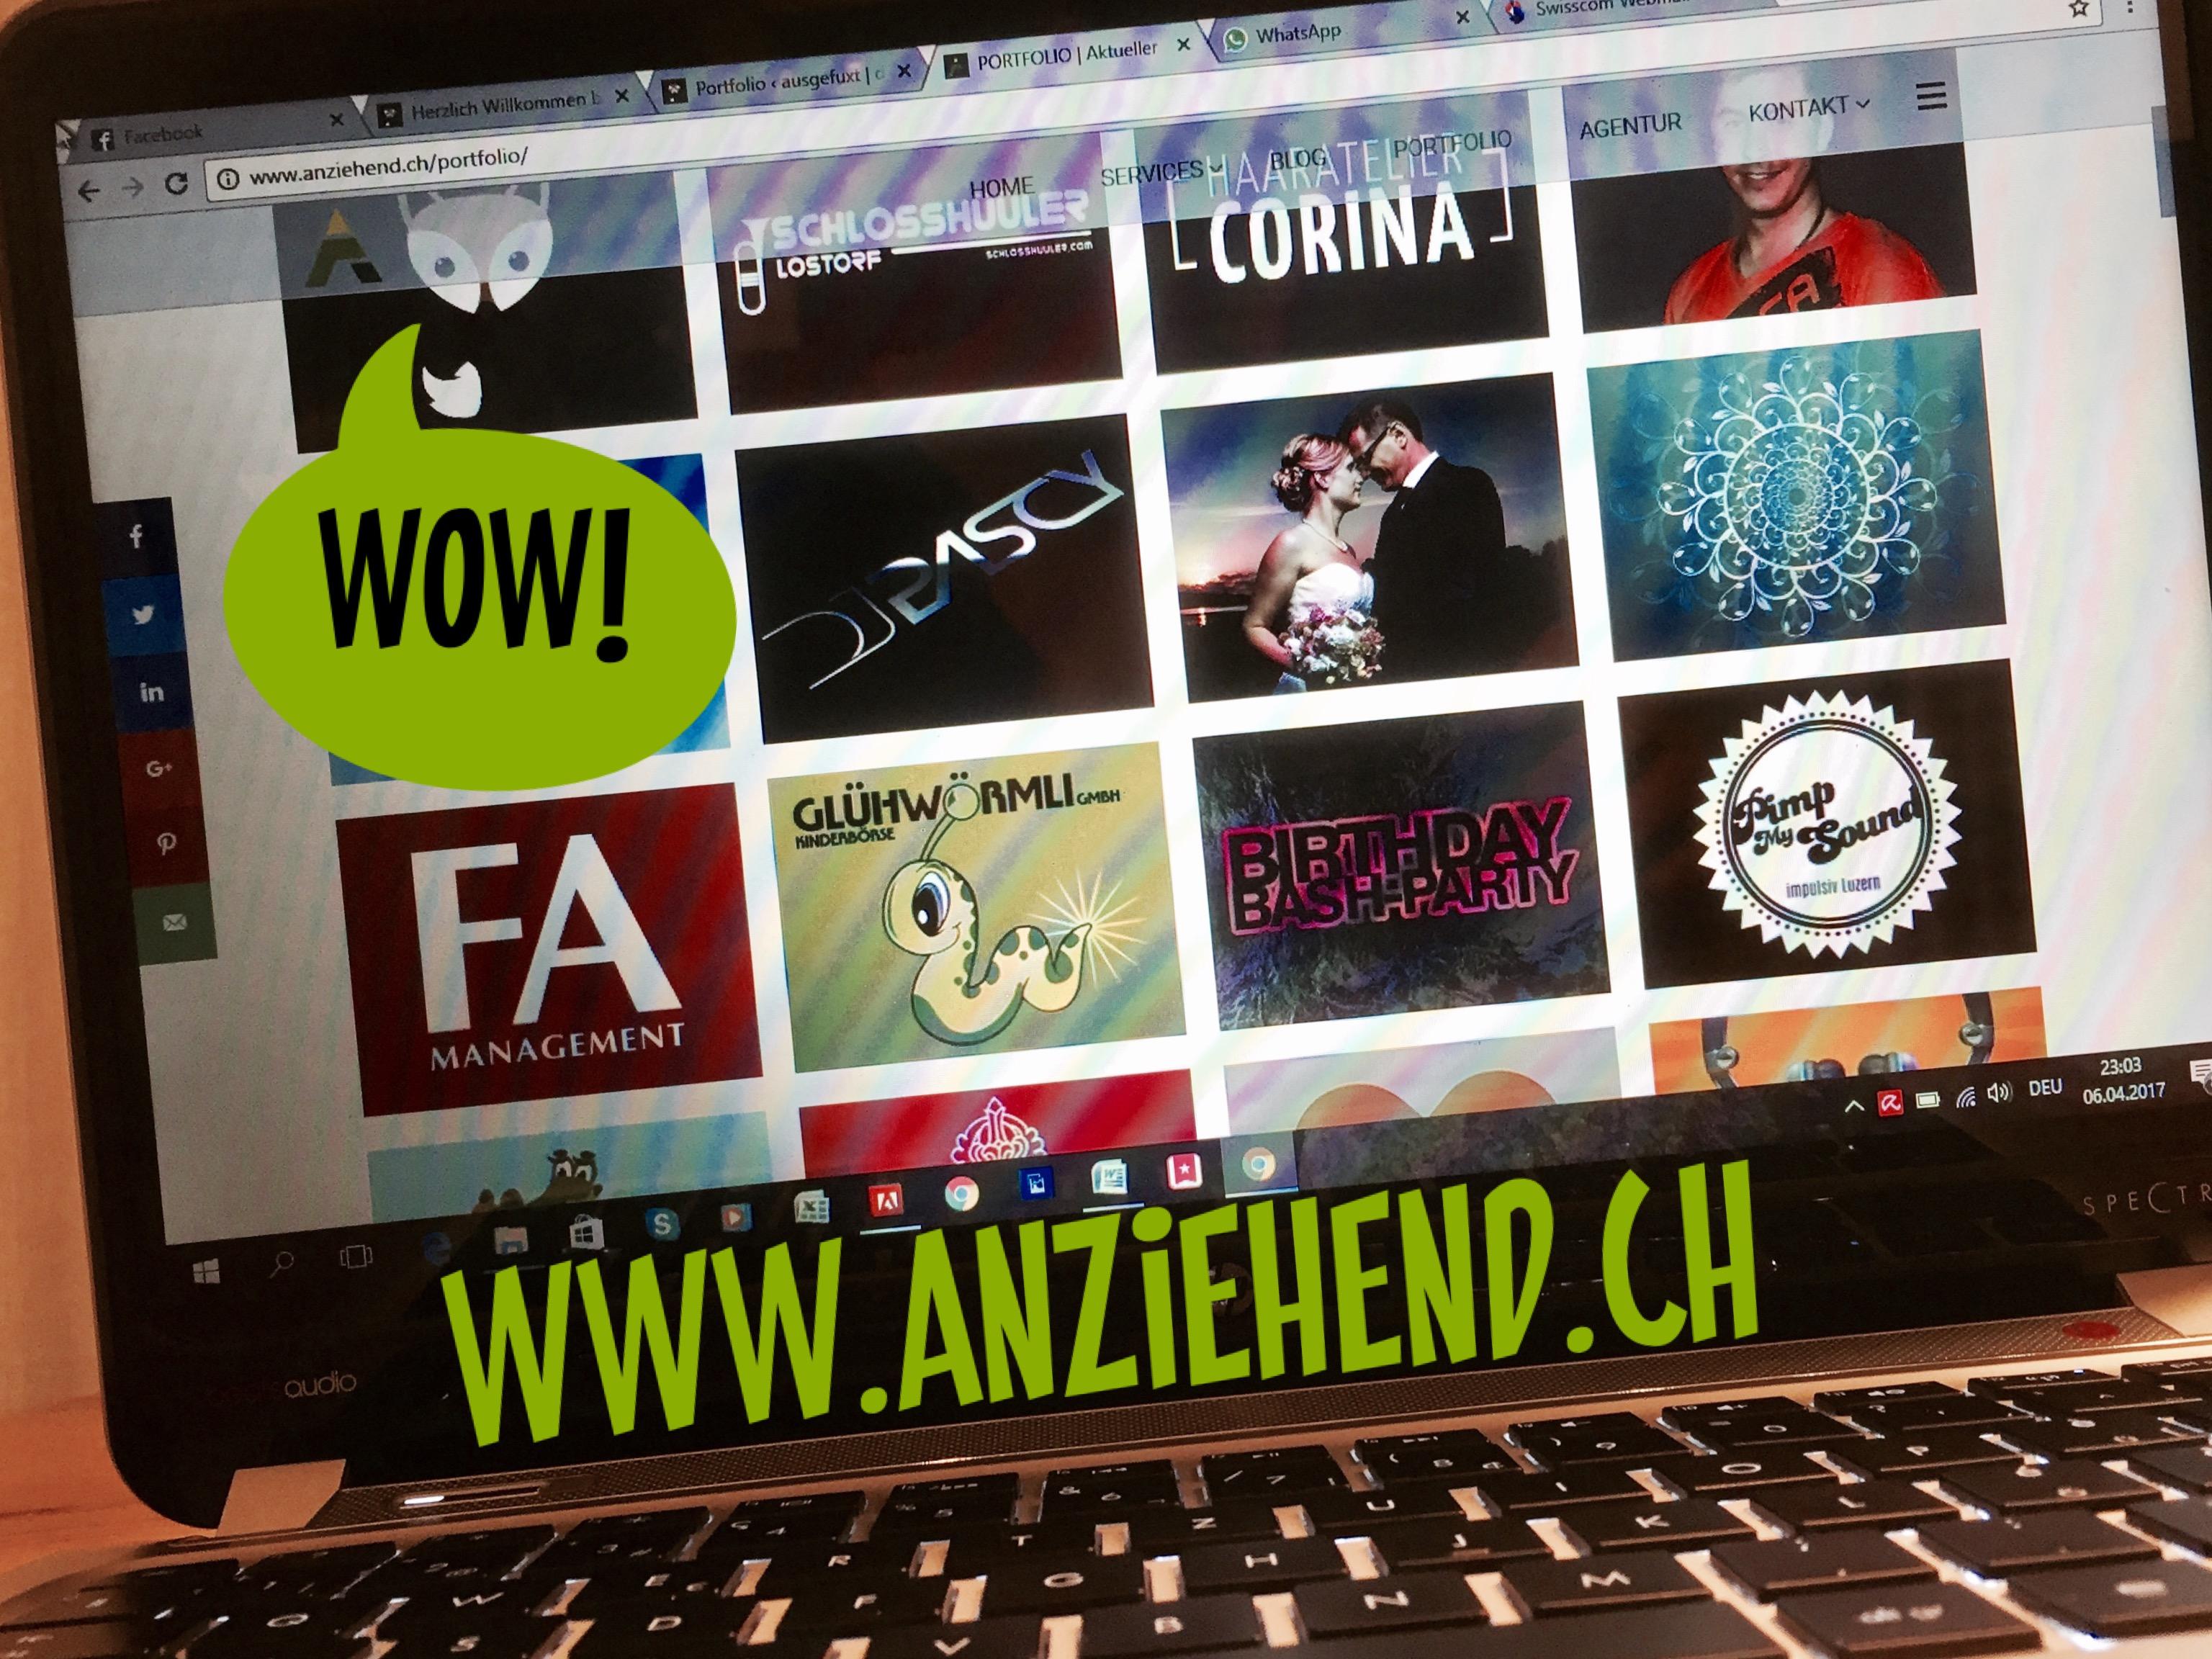 Anziehend GmbH Wow